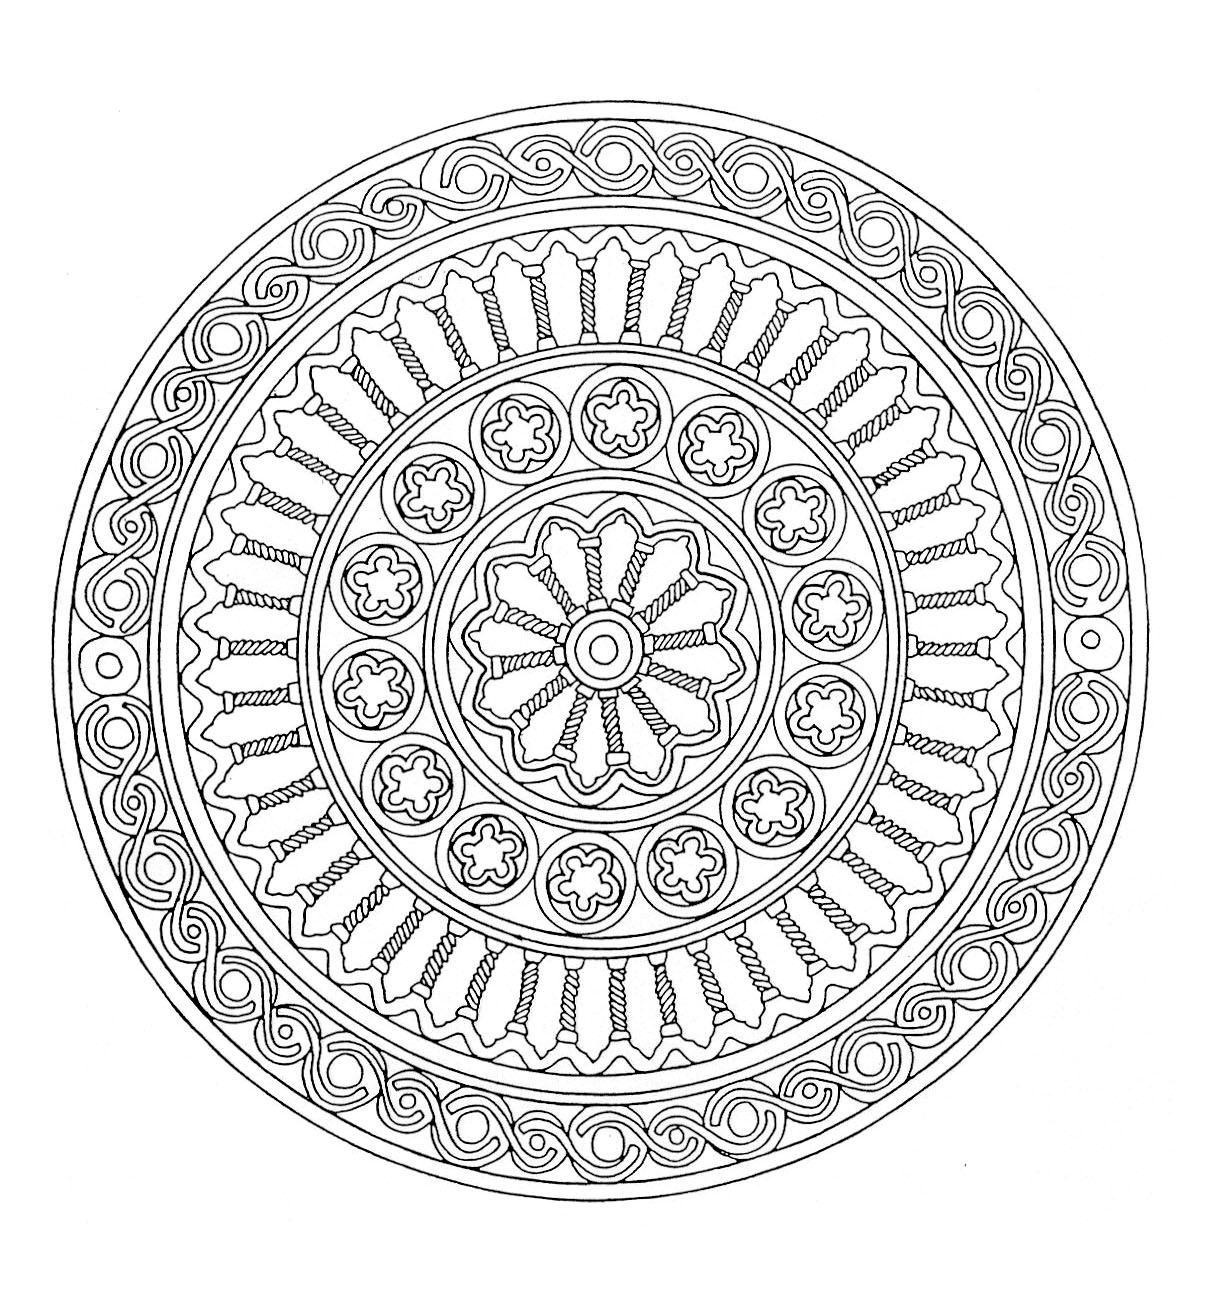 10 Coloriage De Mandala Complique | Imprimer et Obtenir une Coloriage Gratuit Ici